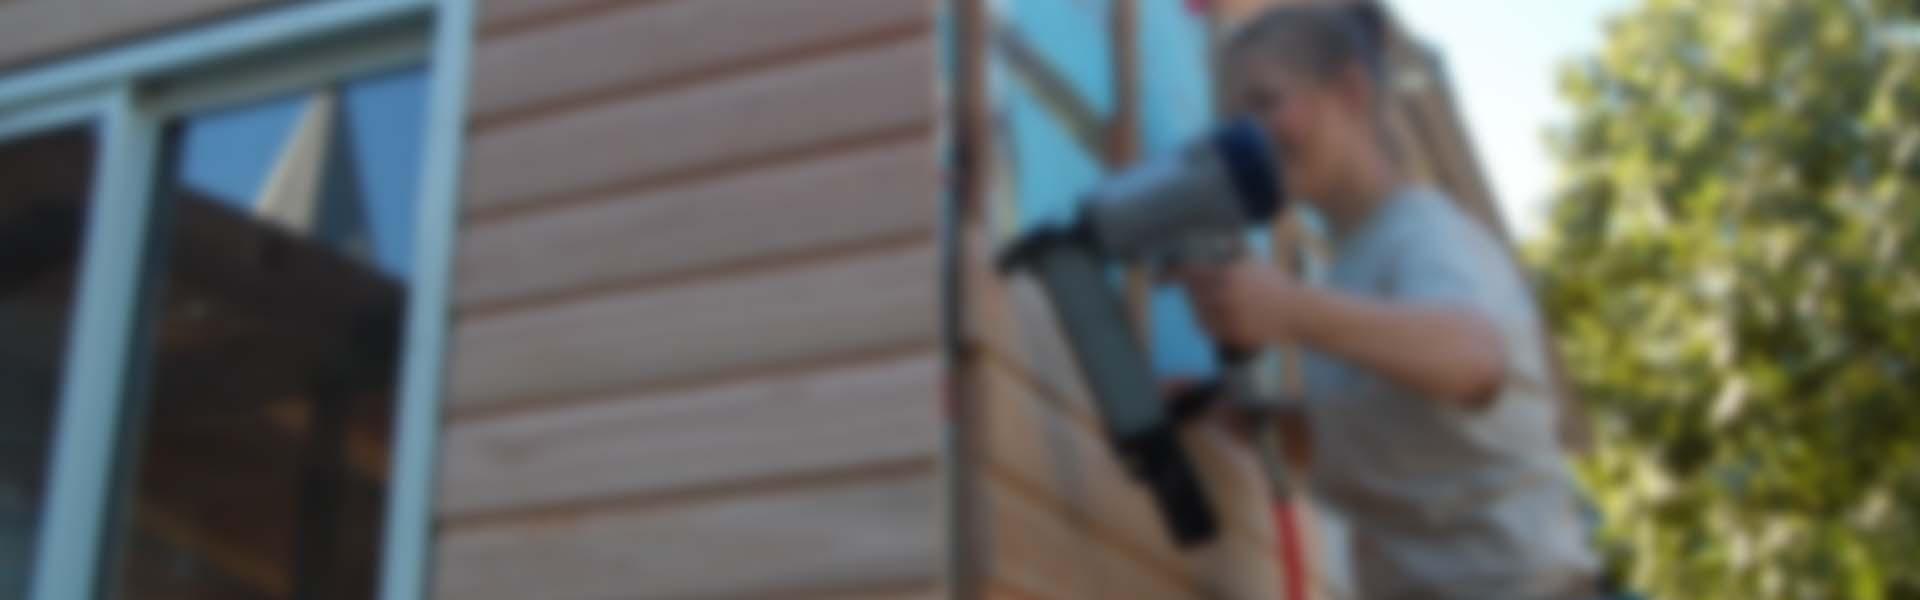 Grampa 100/50 - Construcción en madera